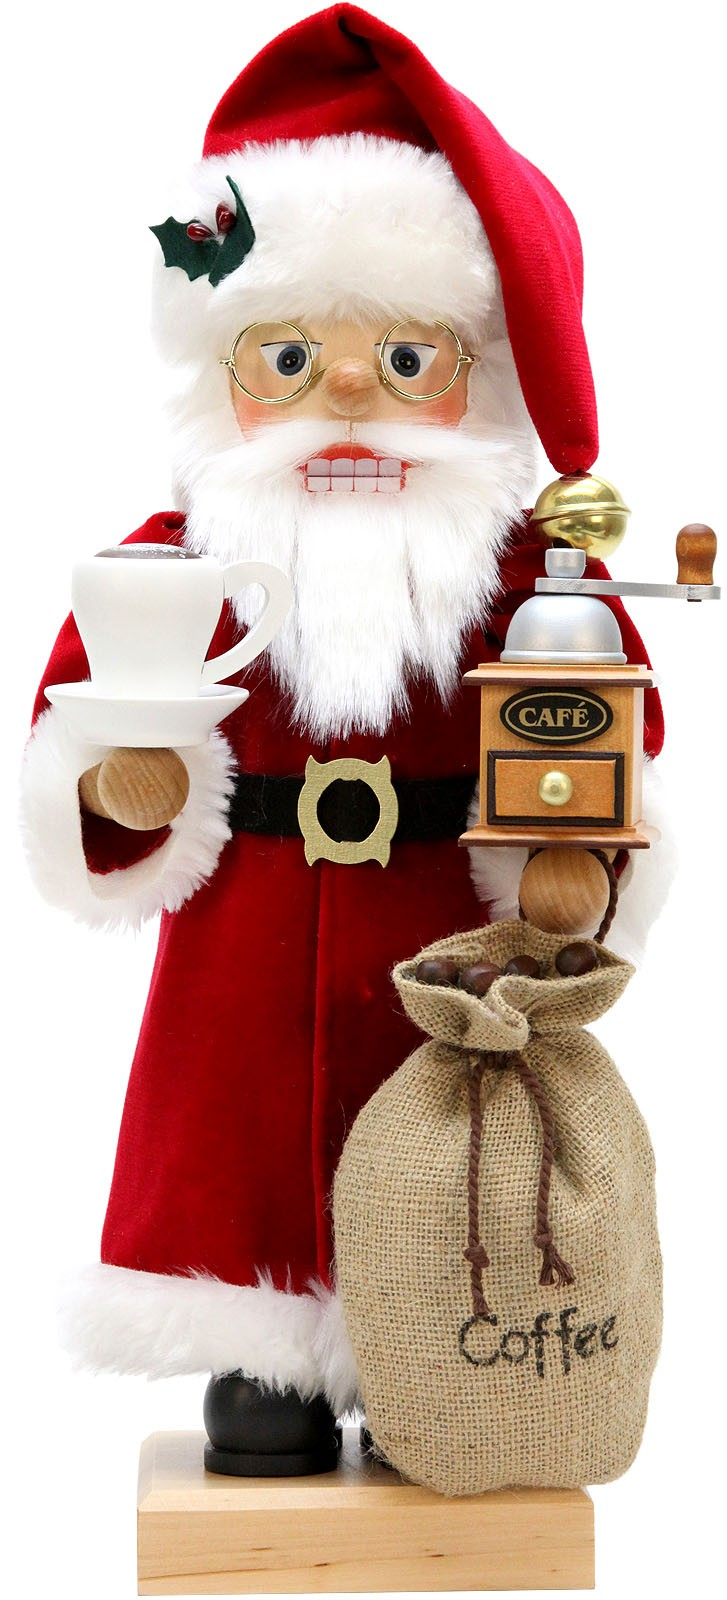 Nußknacker Weihnachtsmann Kaffeefreund